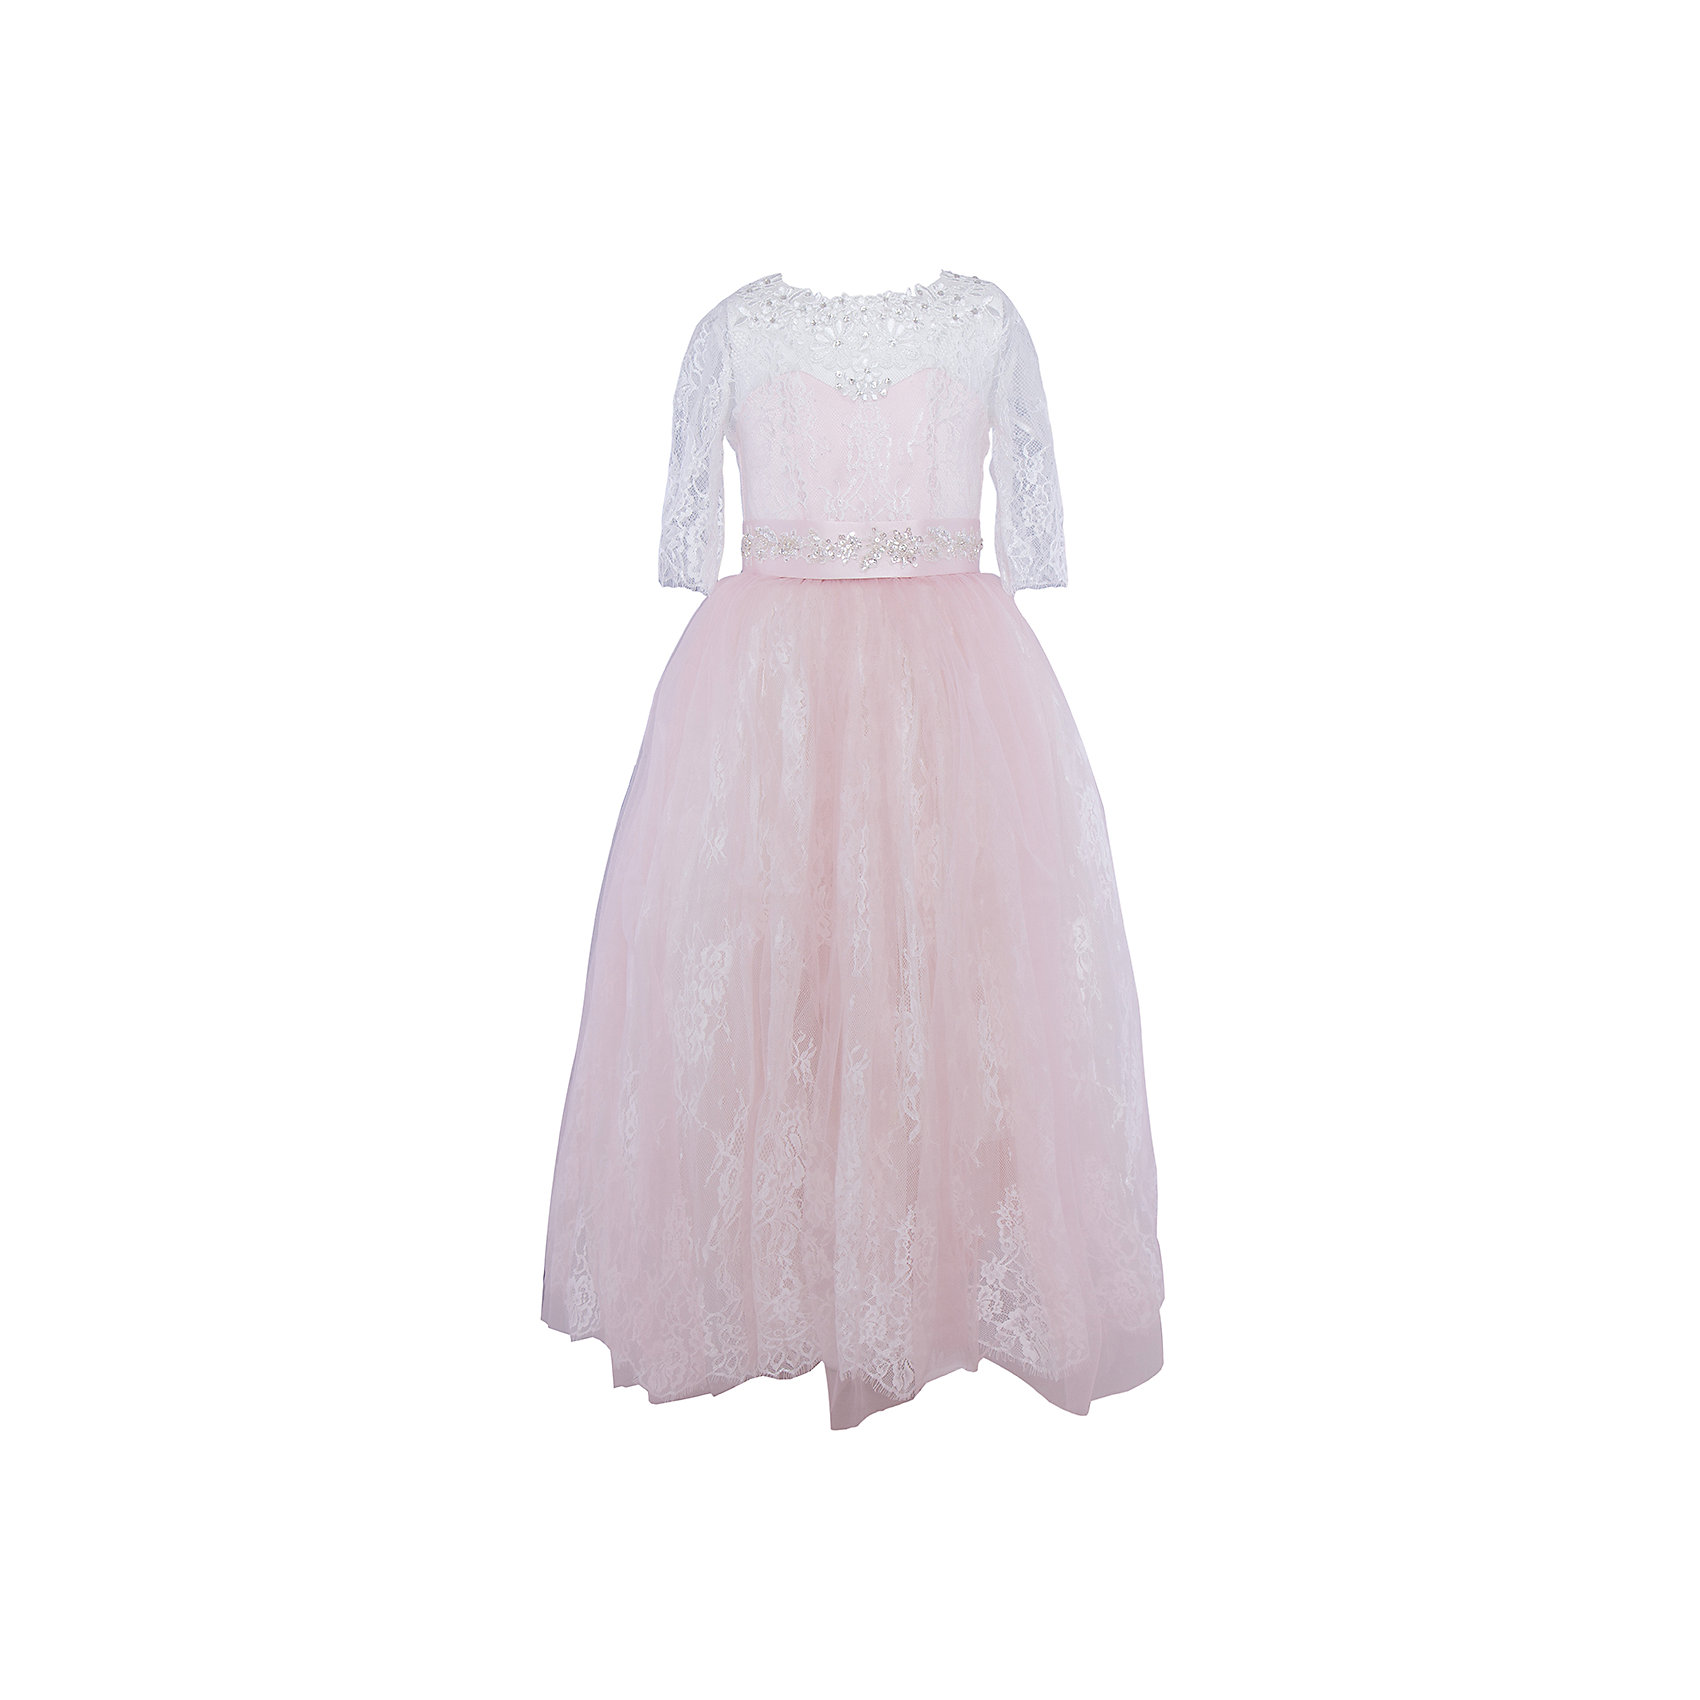 Платье нарядное ПрестижОдежда<br>Платье для девочки Престиж.<br><br>Характеристики:<br><br>• пышный силуэт<br>• рукав три четверти<br>• корсет<br>• состав: 100% полиэстер<br>• цвет: светло-розовый<br><br>Платье для девочки Престиж прекрасно подойдет для любого торжественного мероприятия. Модель имеет пышный силуэт и рукав три четверти. Платье имеет полупрозрачный верх, украшенный вышивкой. Юбка и поясок платья также украшены вышивкой. Стильное пышное платье - то, что нужно маленькой леди!<br><br>Платье регулируется шнуровкой сзади, от талии до верха спинки. Шнуровка в комплекте.<br>Платье подходит для занятий бальными танцами.<br><br>Вы можете купить платье для девочки Престиж в нашем интернет-магазине.<br><br>Ширина мм: 236<br>Глубина мм: 16<br>Высота мм: 184<br>Вес г: 177<br>Цвет: светло-розовый<br>Возраст от месяцев: 72<br>Возраст до месяцев: 84<br>Пол: Женский<br>Возраст: Детский<br>Размер: 116,128,122<br>SKU: 5158428